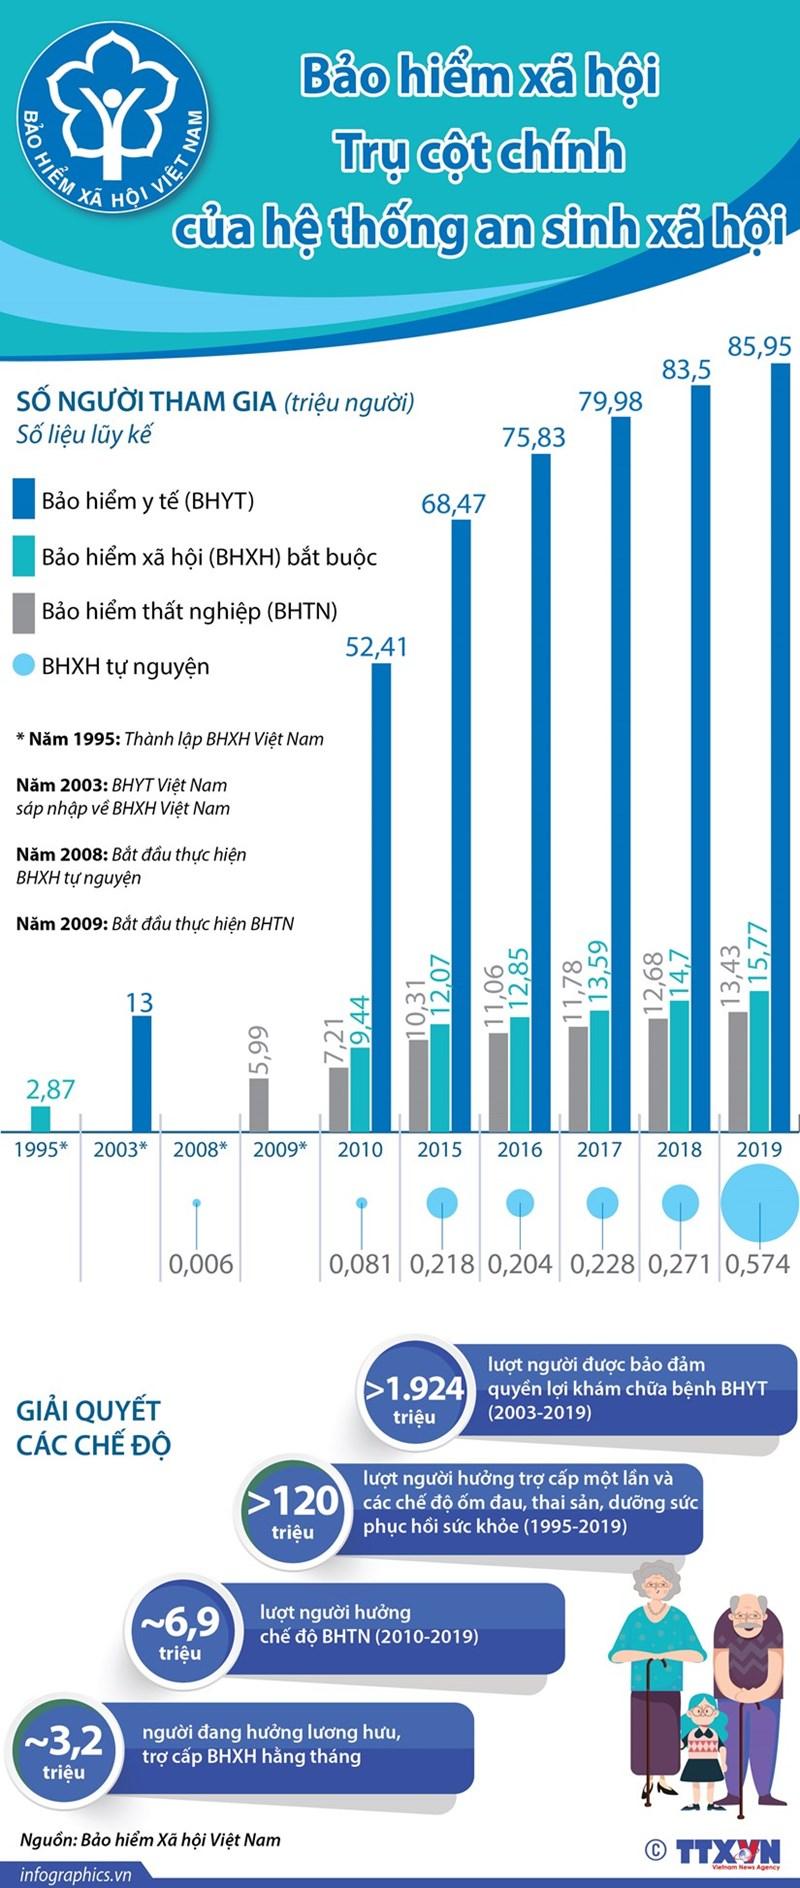 [Infographics] Bảo hiểm xã hội - trụ cột chính của hệ thống an sinh xã hội - Ảnh 1